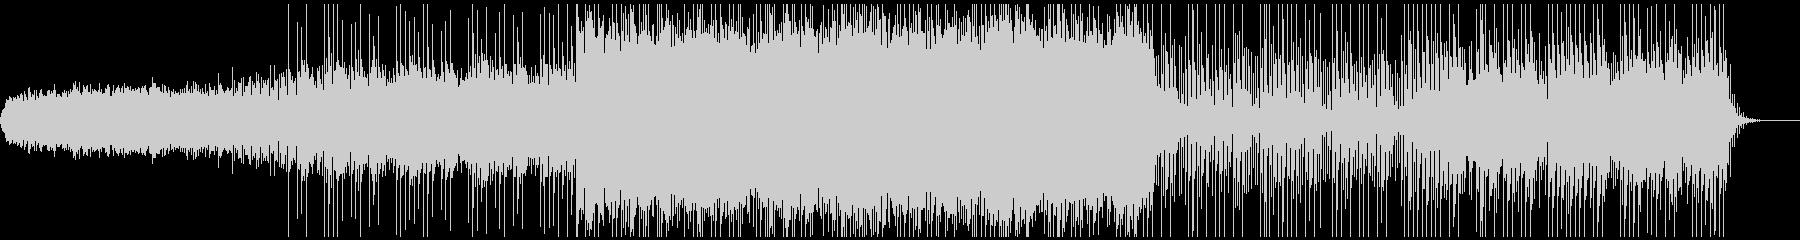 和楽器とシンセサイザーのミックスの未再生の波形